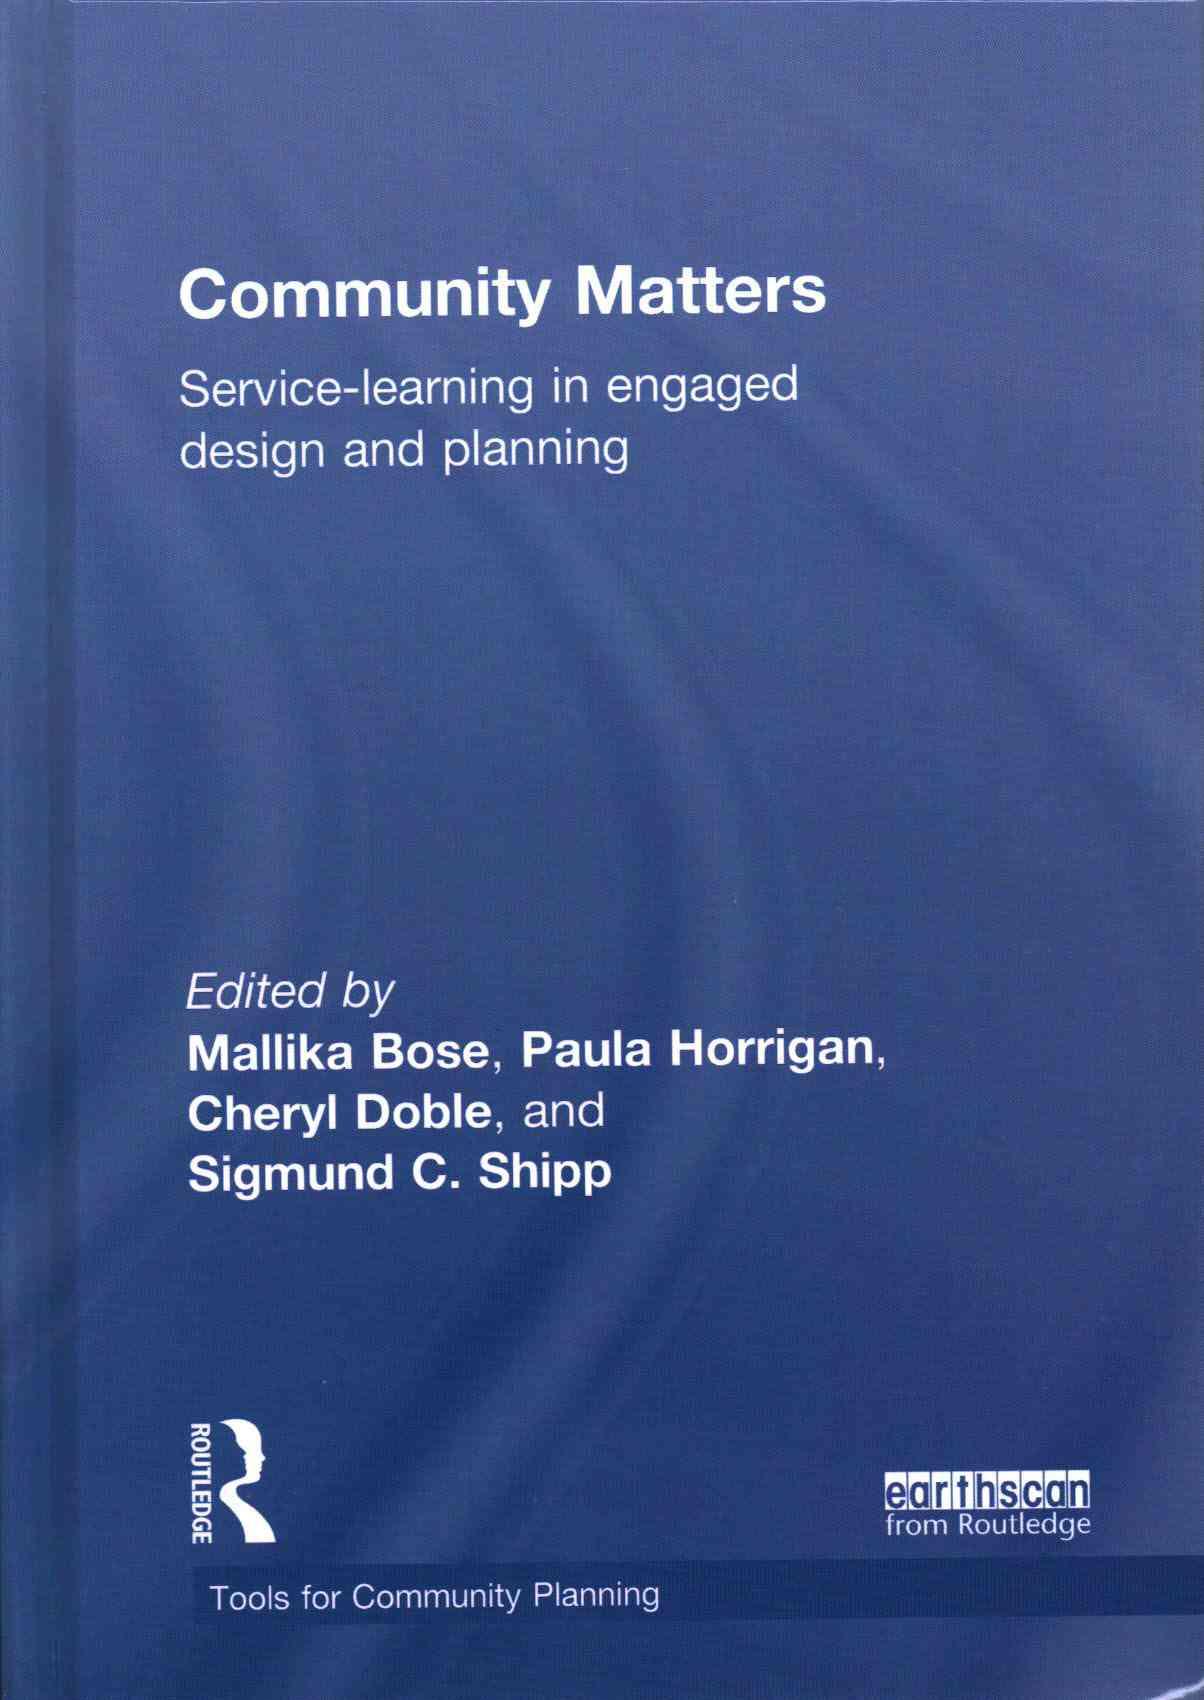 Community Matters By Bose, Mallika (EDT)/ Doble, Cheryl (EDT)/ Horrigan, Paula (EDT)/ Shipp, Sigmund (EDT)